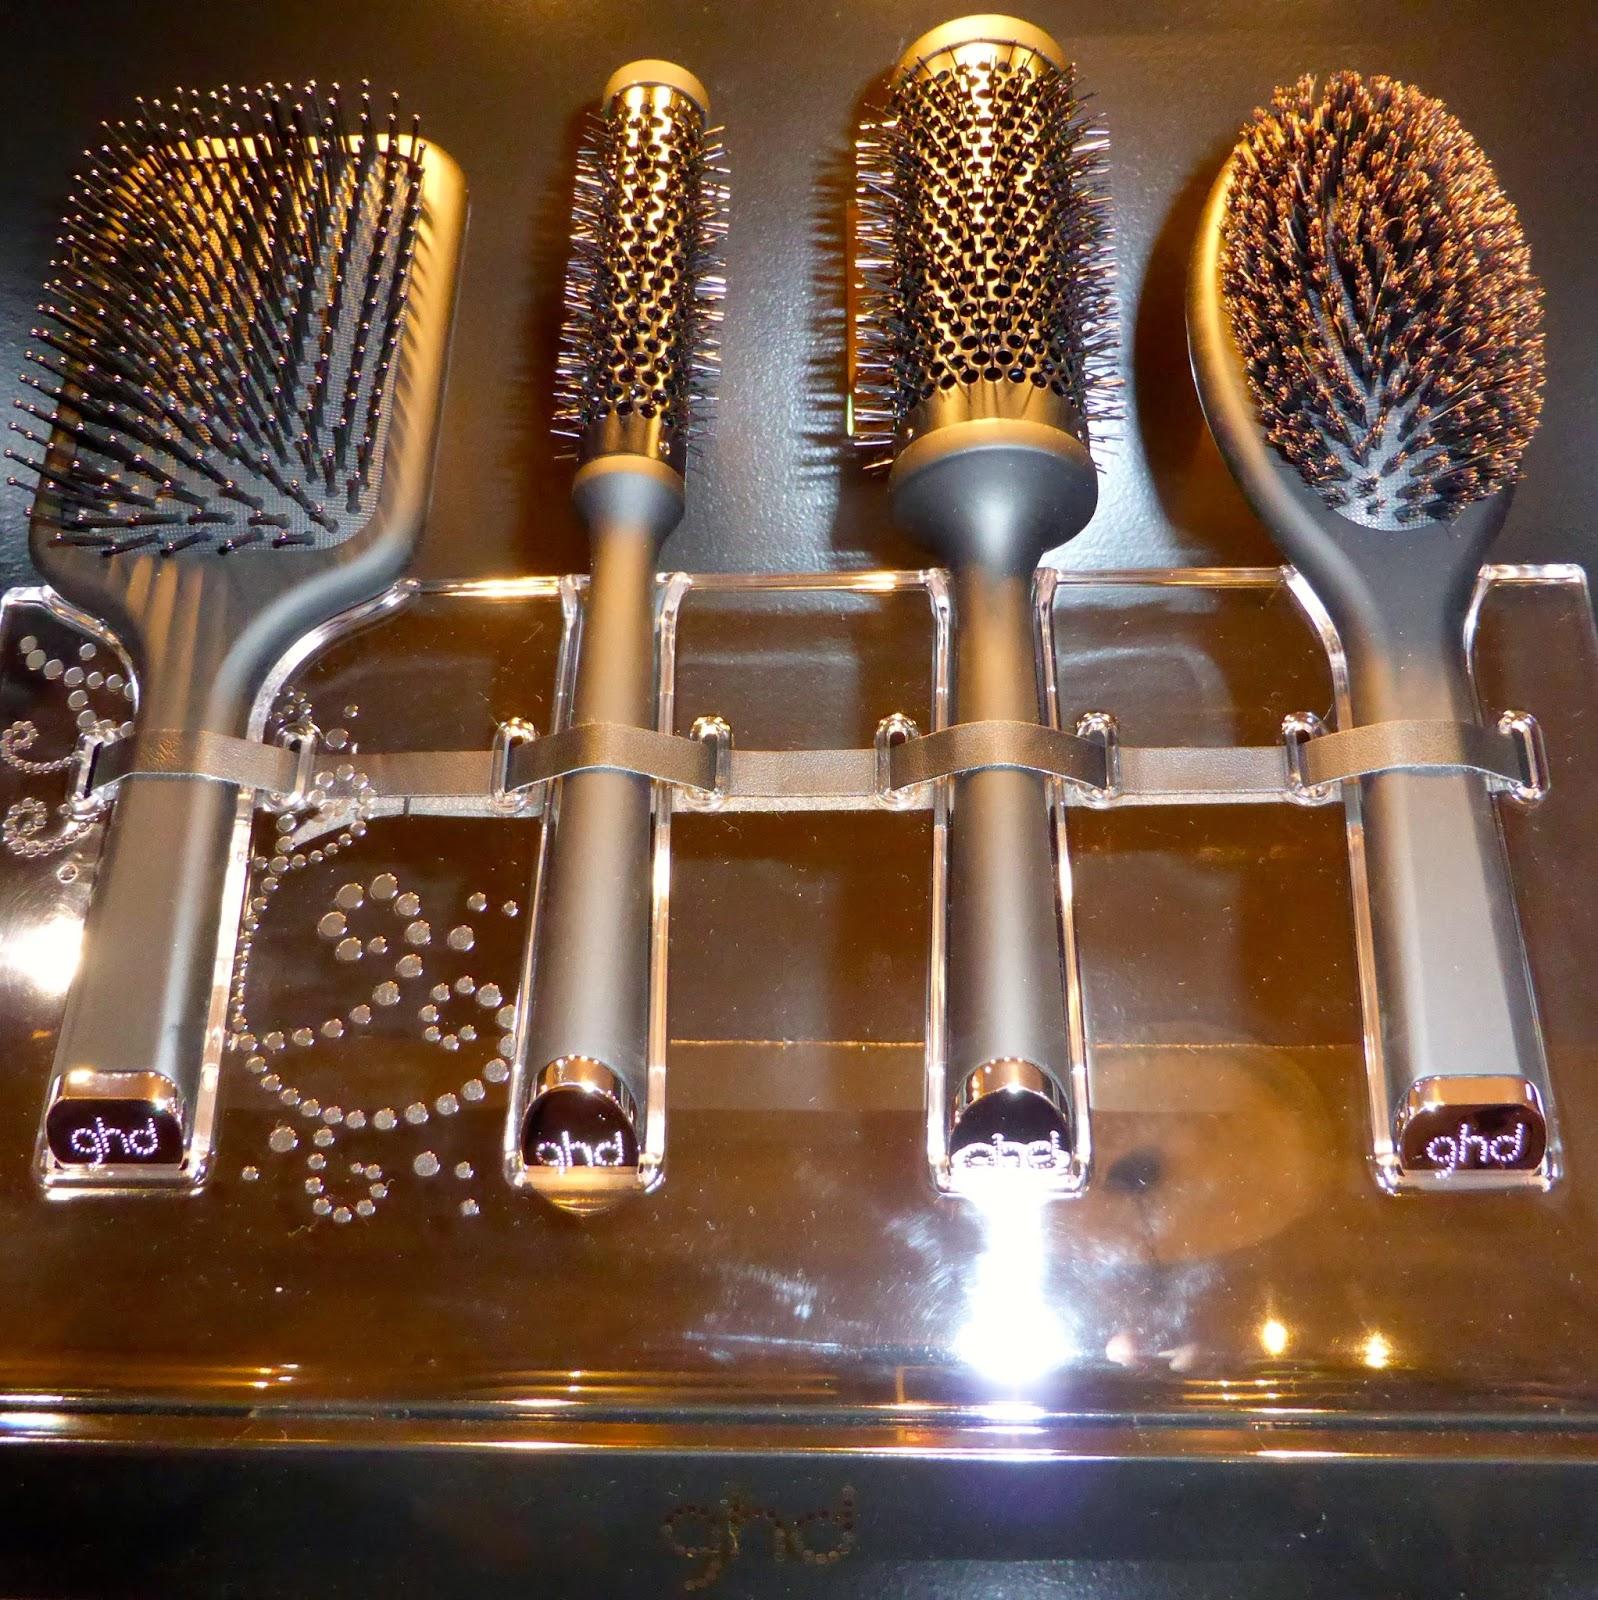 Le Studio 54 à Montpellier vous propose l'ensemble de la gamme de brosses GHD, brosse plate GHD, brosse ovale GHD, et brosses rondes GHD.